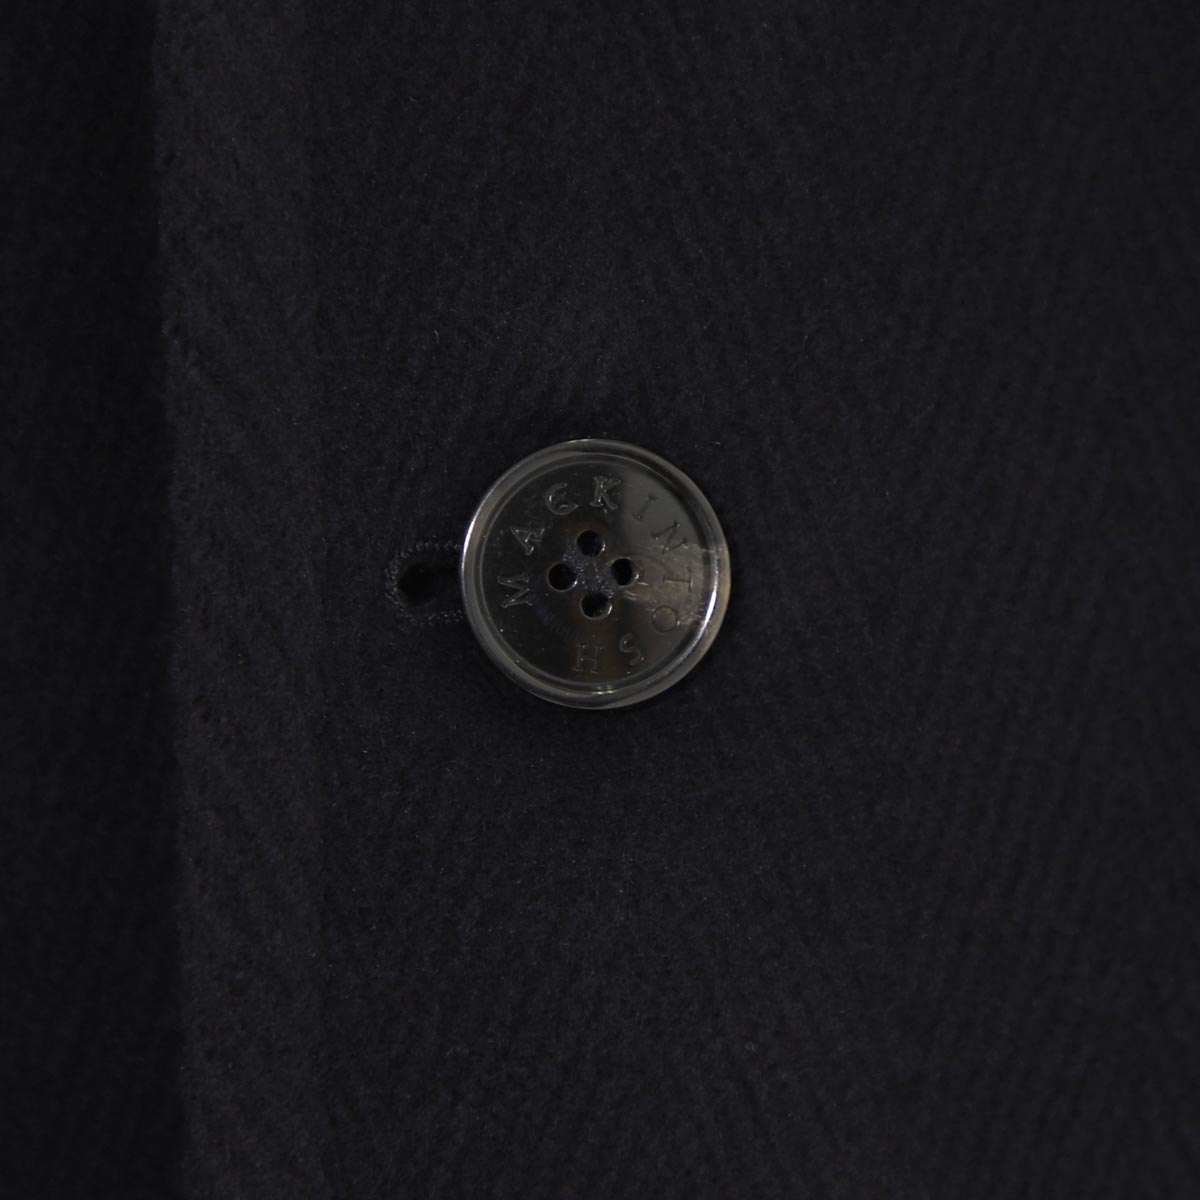 MACKINTOSH マッキントッシュ ステンカラーコート/BLACKFORD メンズ